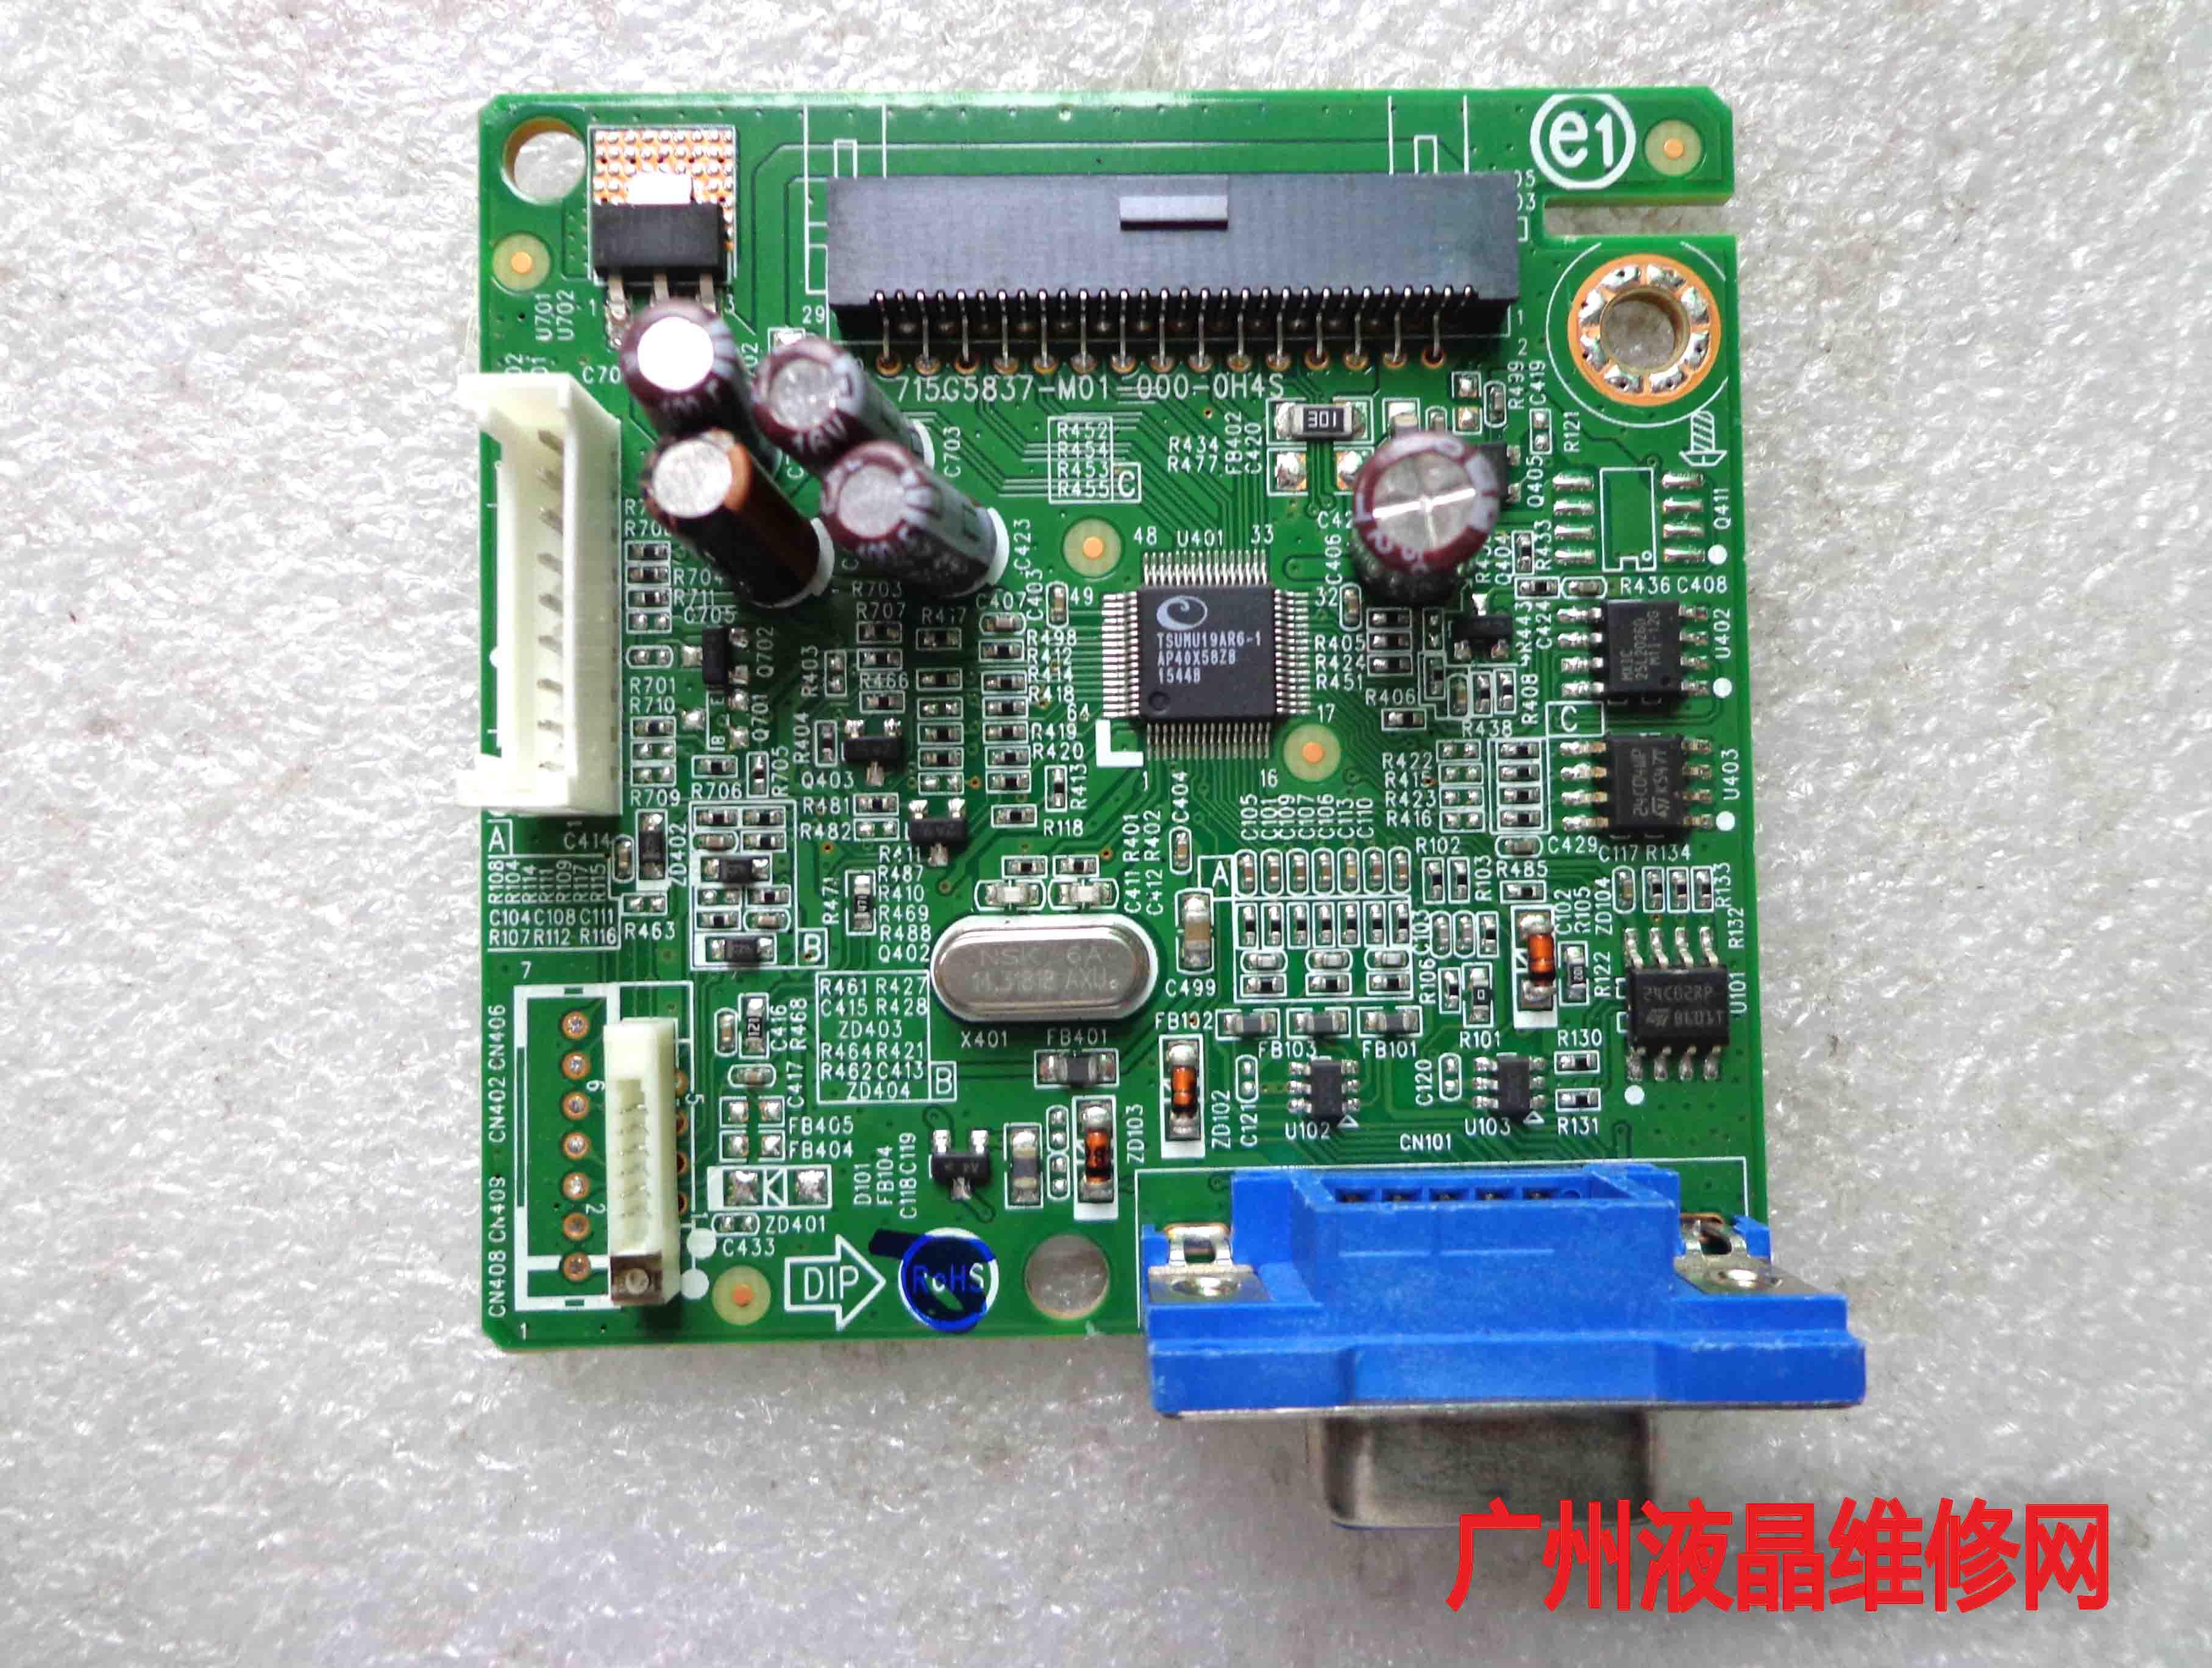 الأصلي هيوليت باكارد HP P191 محرك لوحة اللوحة 715G5837-M01-000-0H4S LM185WH2